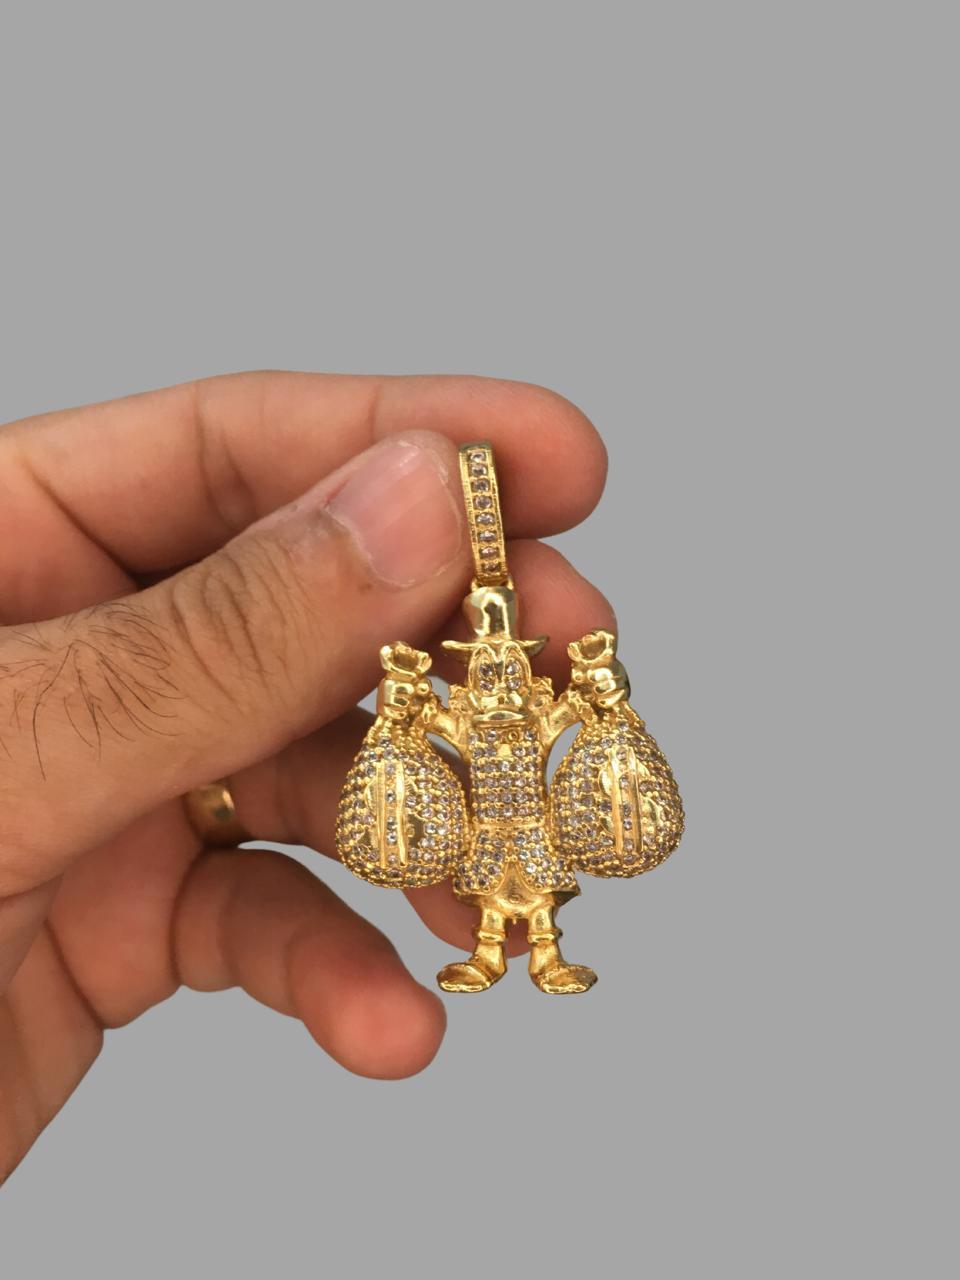 Pingente Tio Patinhas - Cravejado de Zircônia - pedras nos olhos-  banhado a ouro 18k